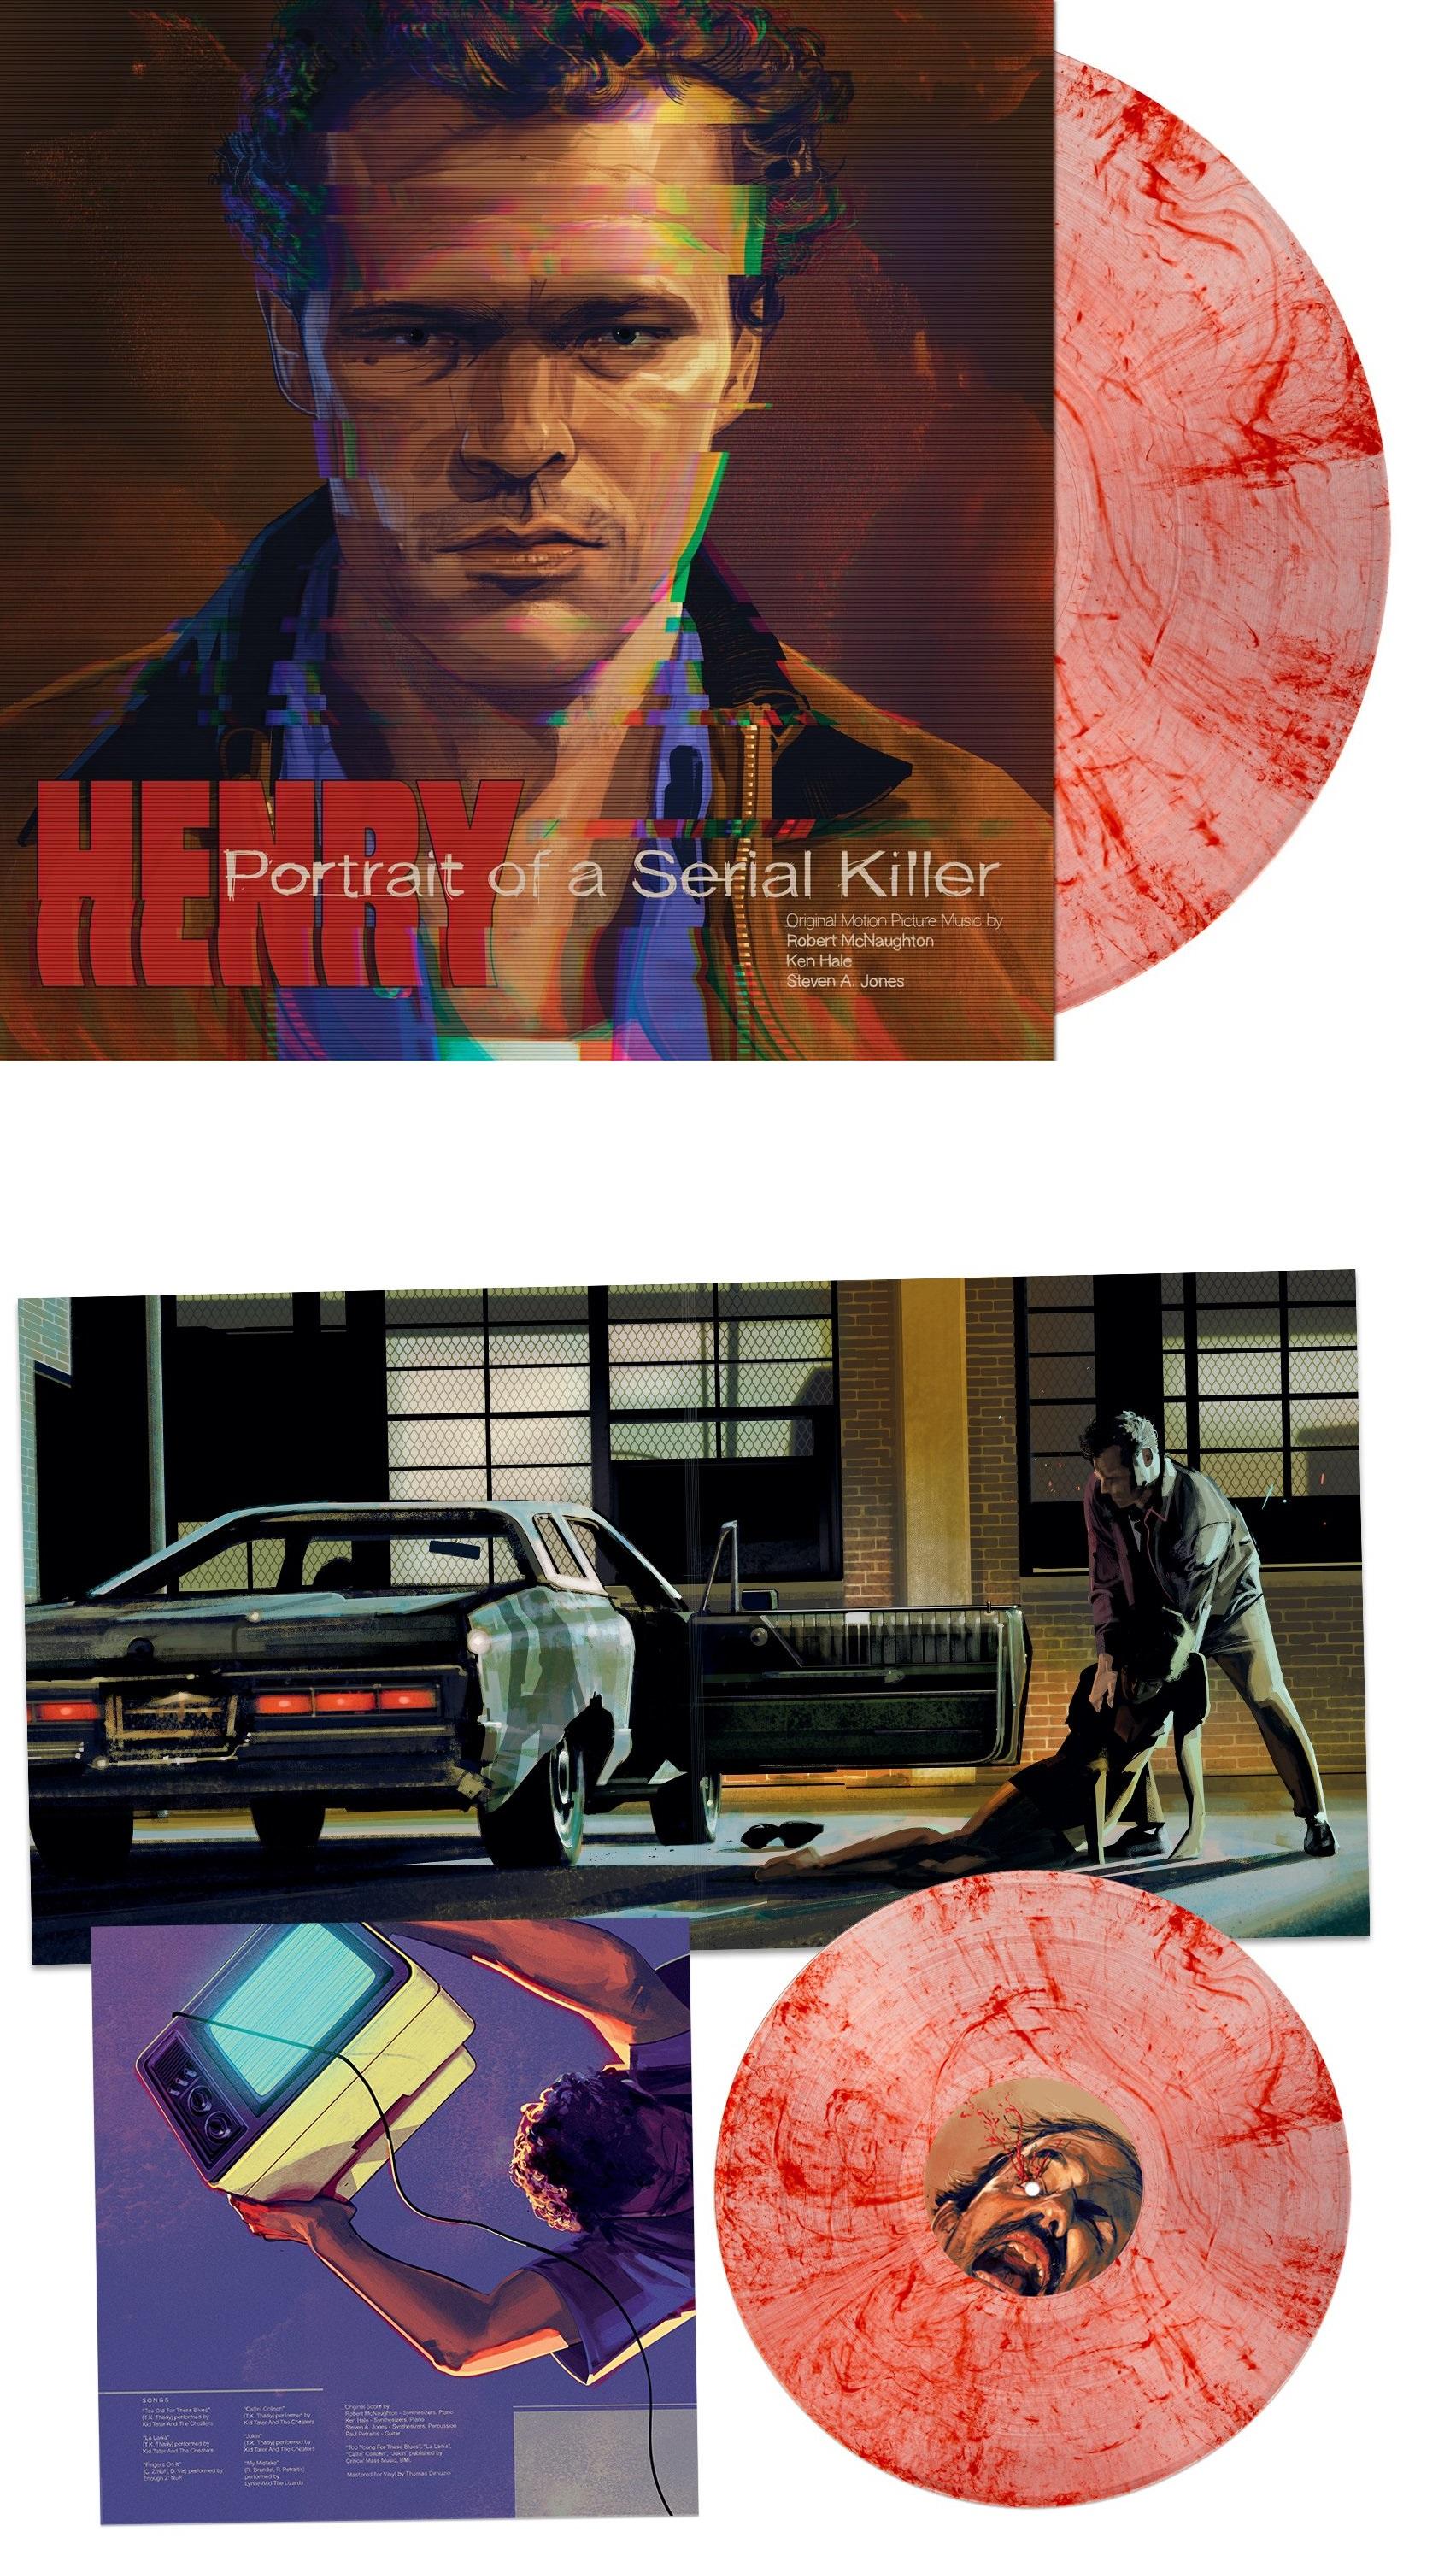 Henry: Portrait of a Serial Killer (Vinyl)